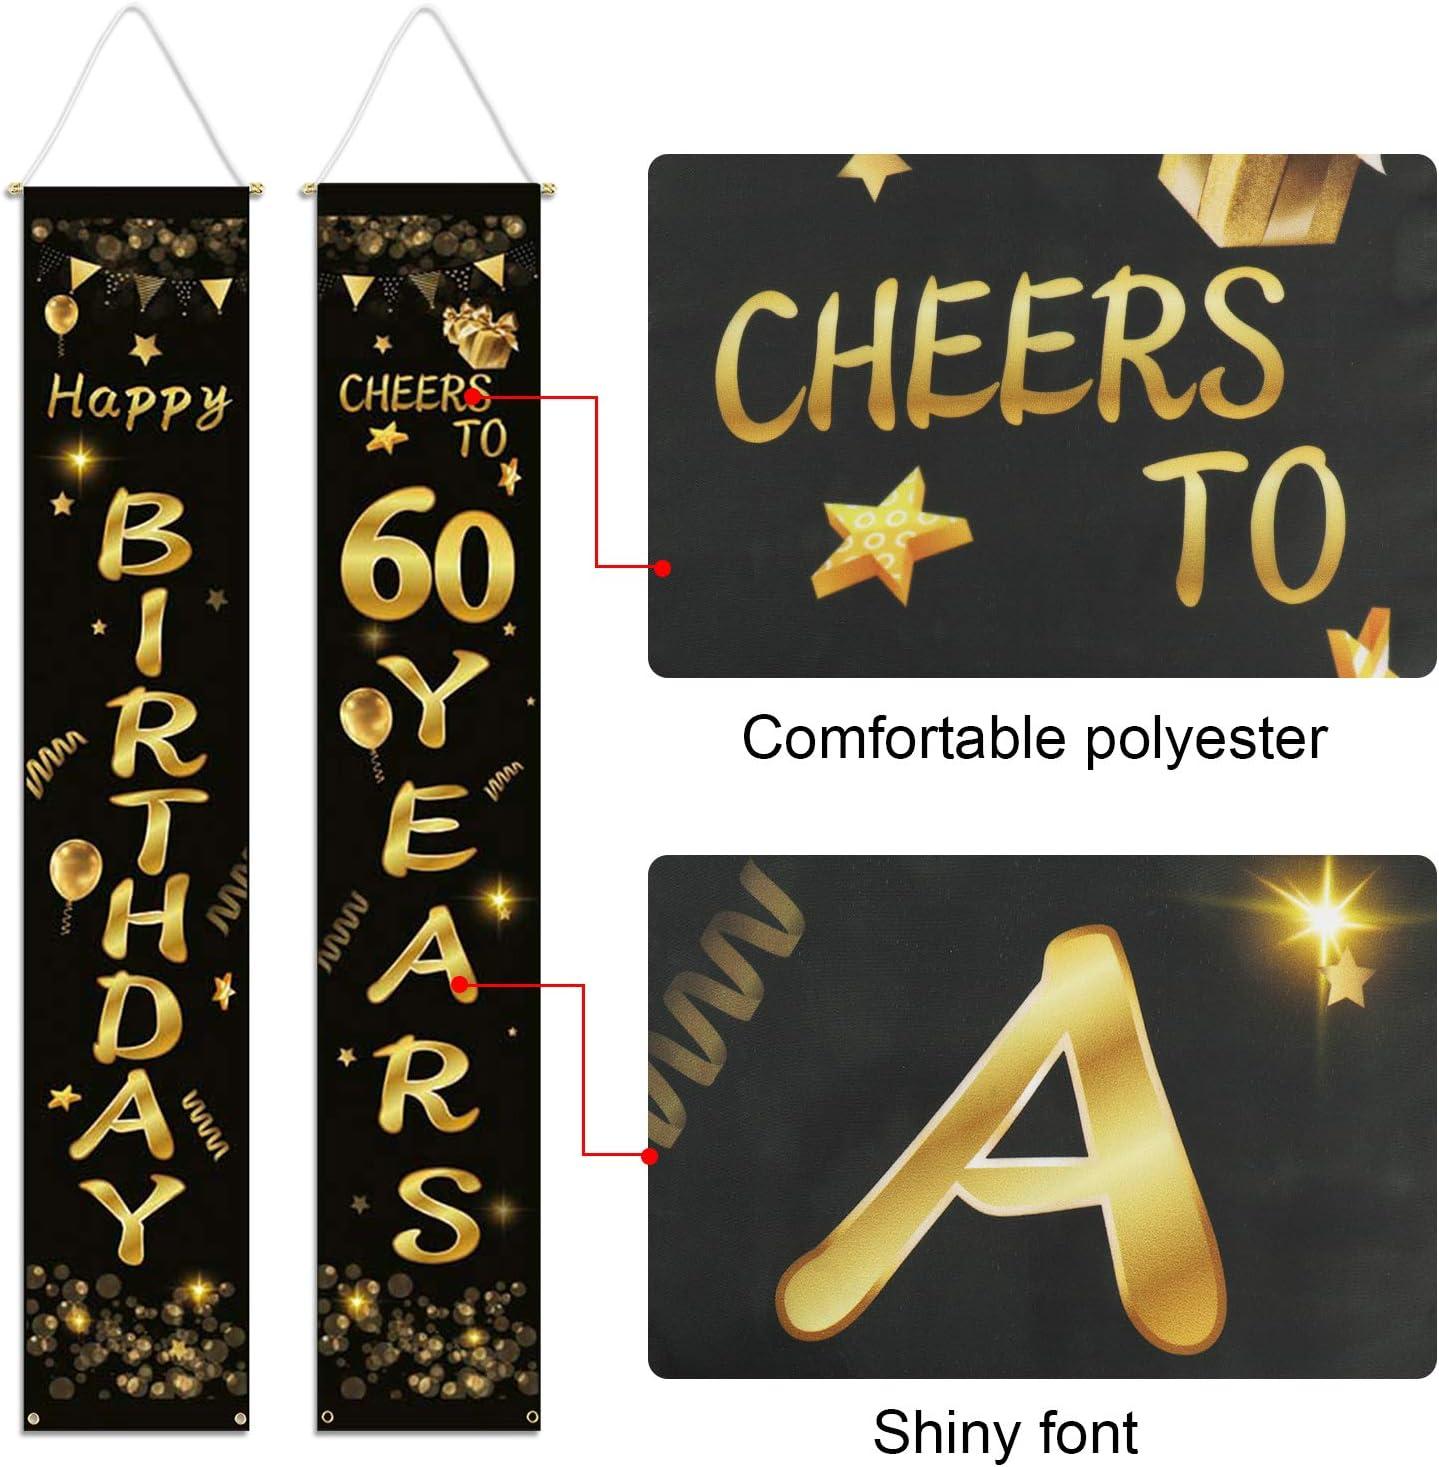 Saluti a 60 Anni Striscione 60 /° Compleanno Porta Striscione Decorazione per 60 Anni Compleanno Forniture HOWAF 2pcs 60 /° Compleanno Decorazioni Nero e Oro Striscione di Buon Compleanno